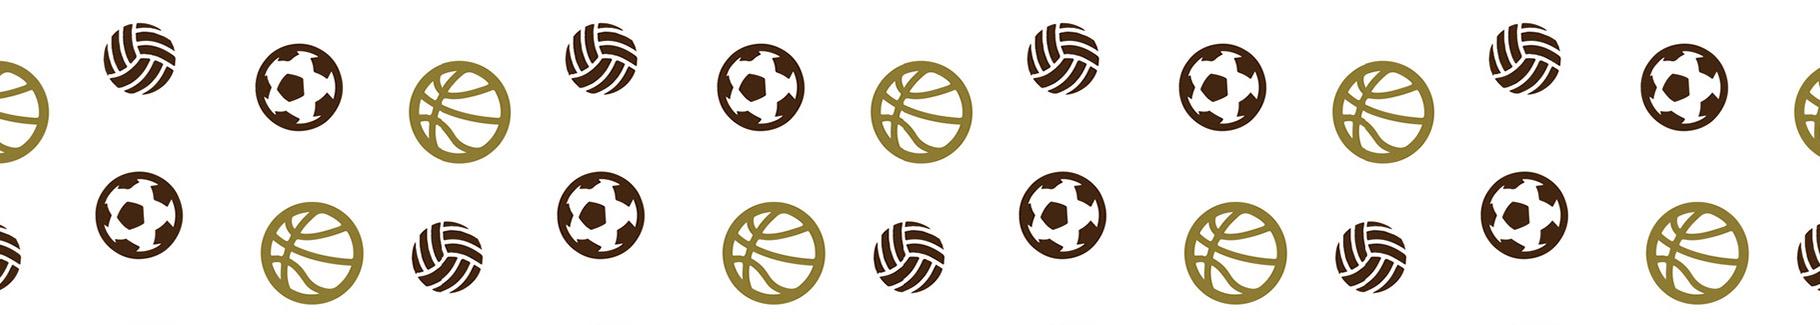 Fototapeta sportowa w piłki